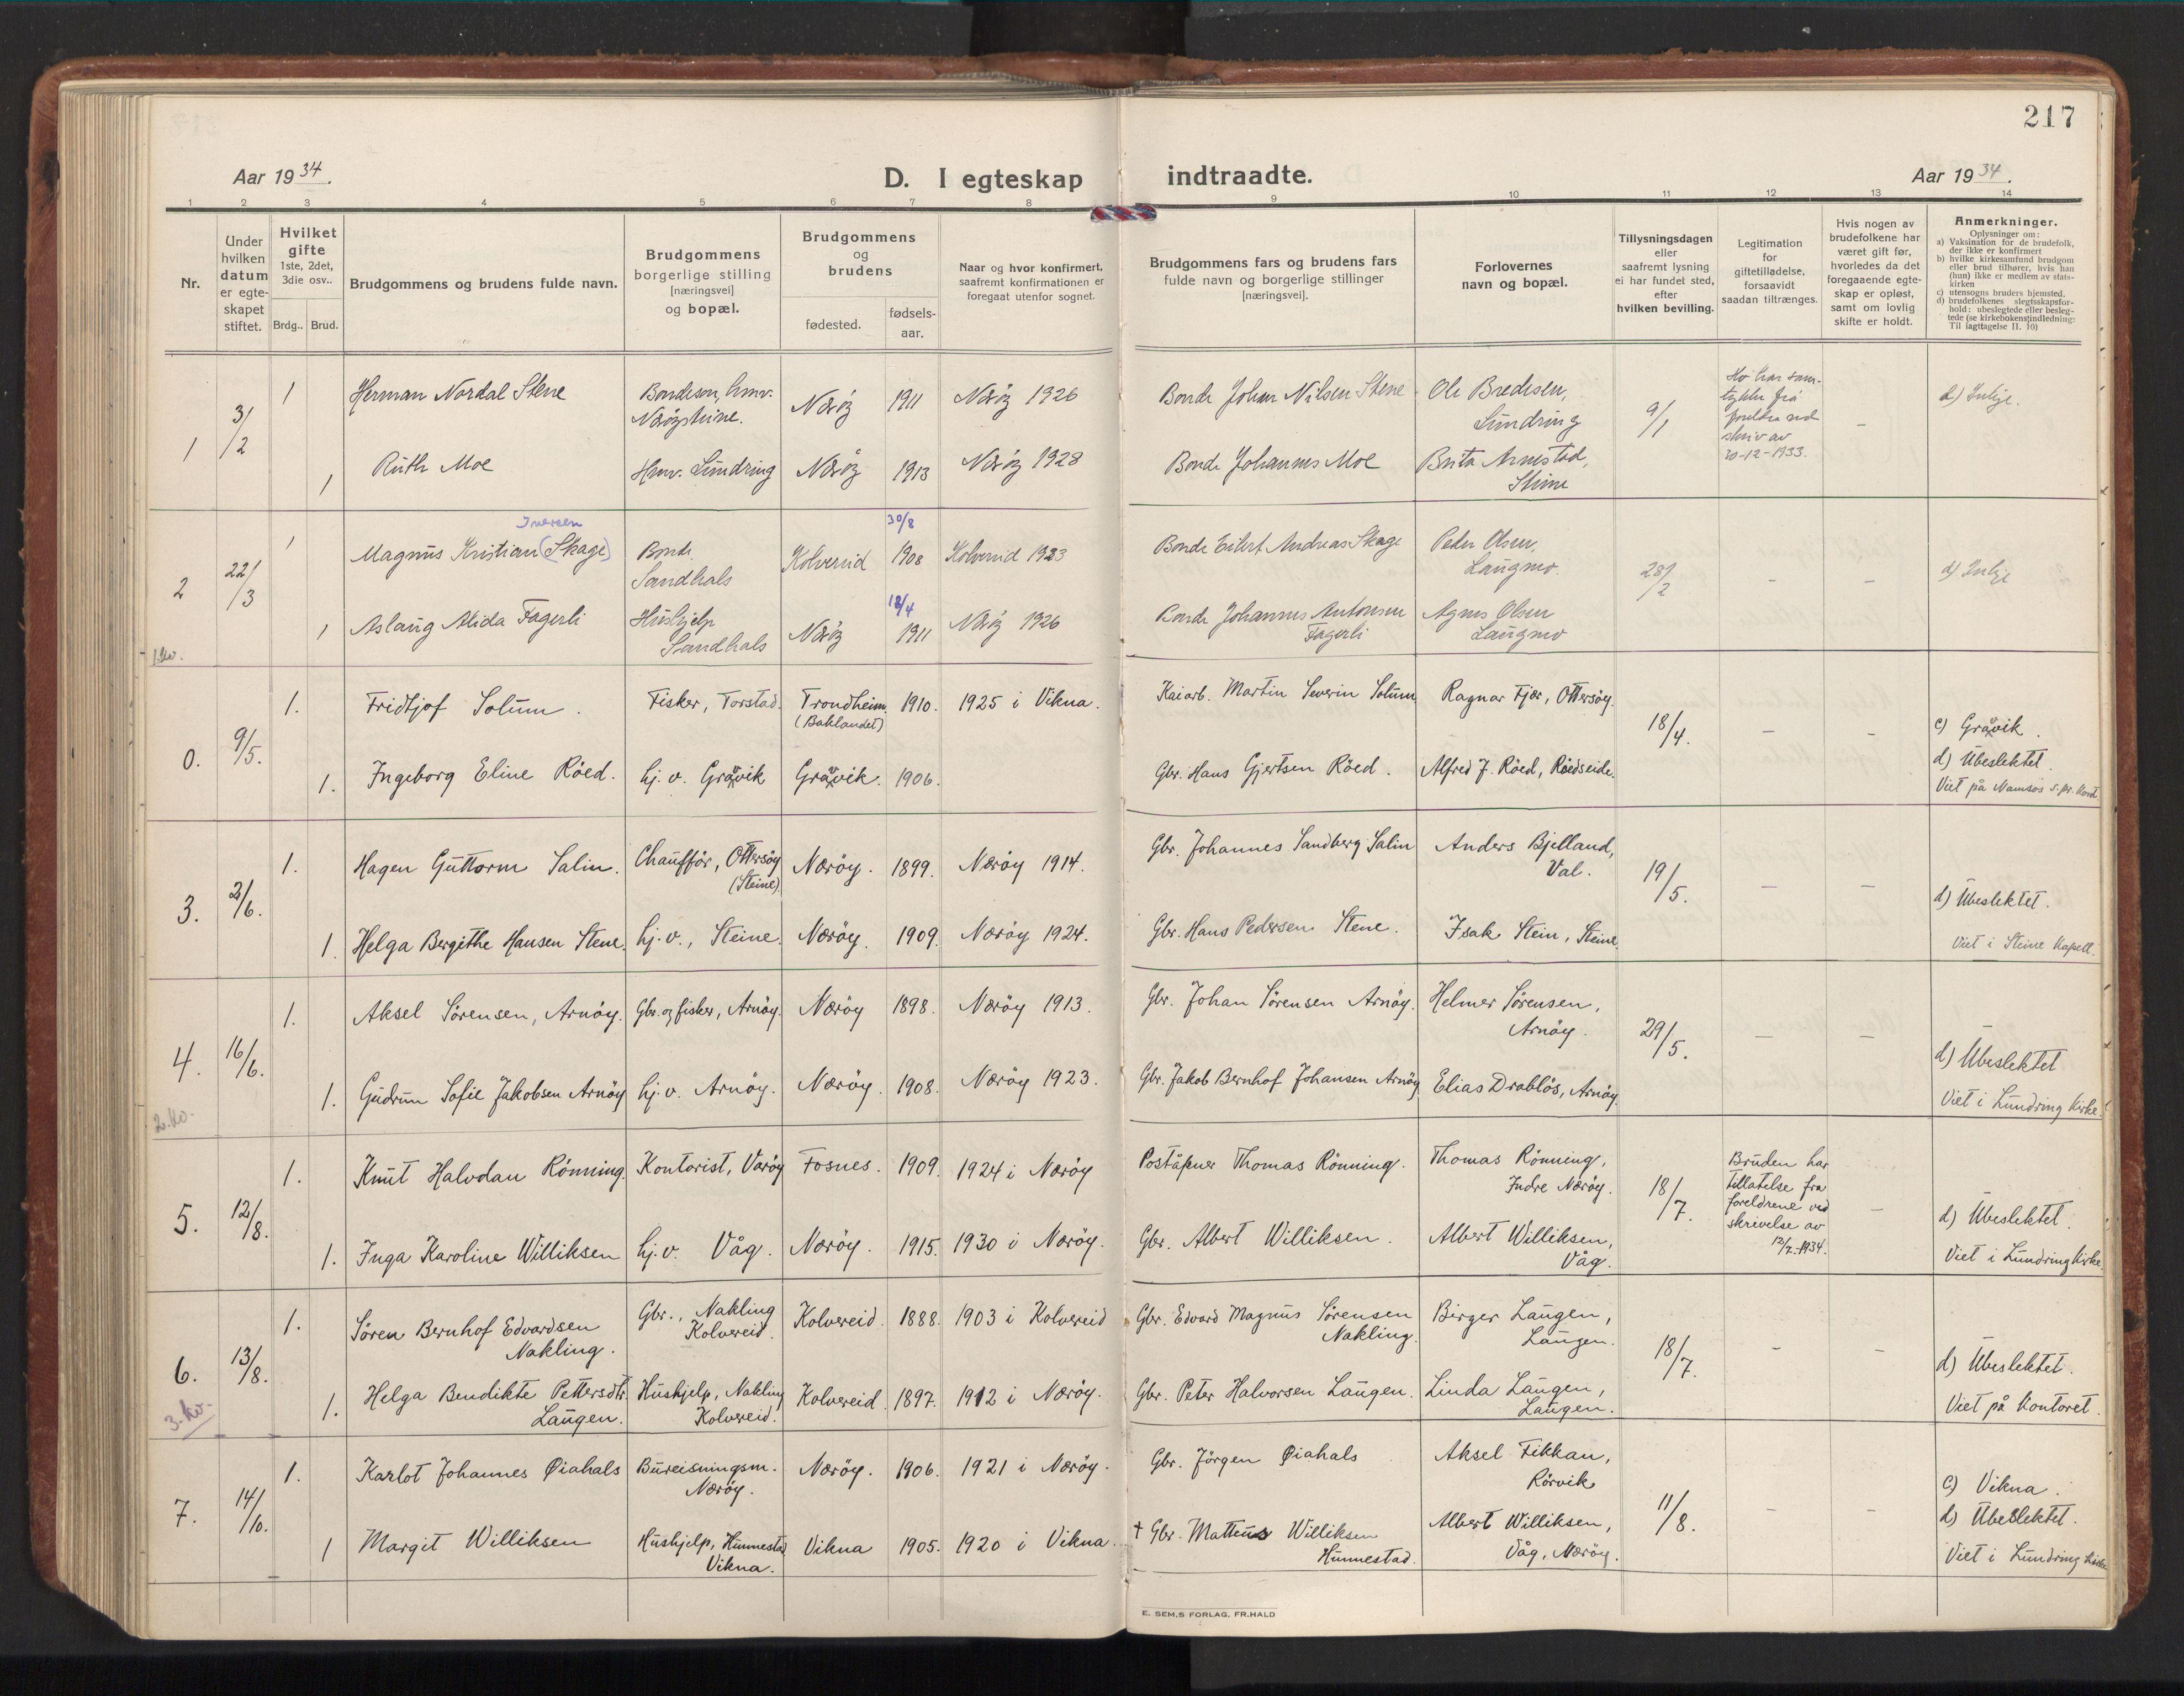 SAT, Ministerialprotokoller, klokkerbøker og fødselsregistre - Nord-Trøndelag, 784/L0678: Ministerialbok nr. 784A13, 1921-1938, s. 217